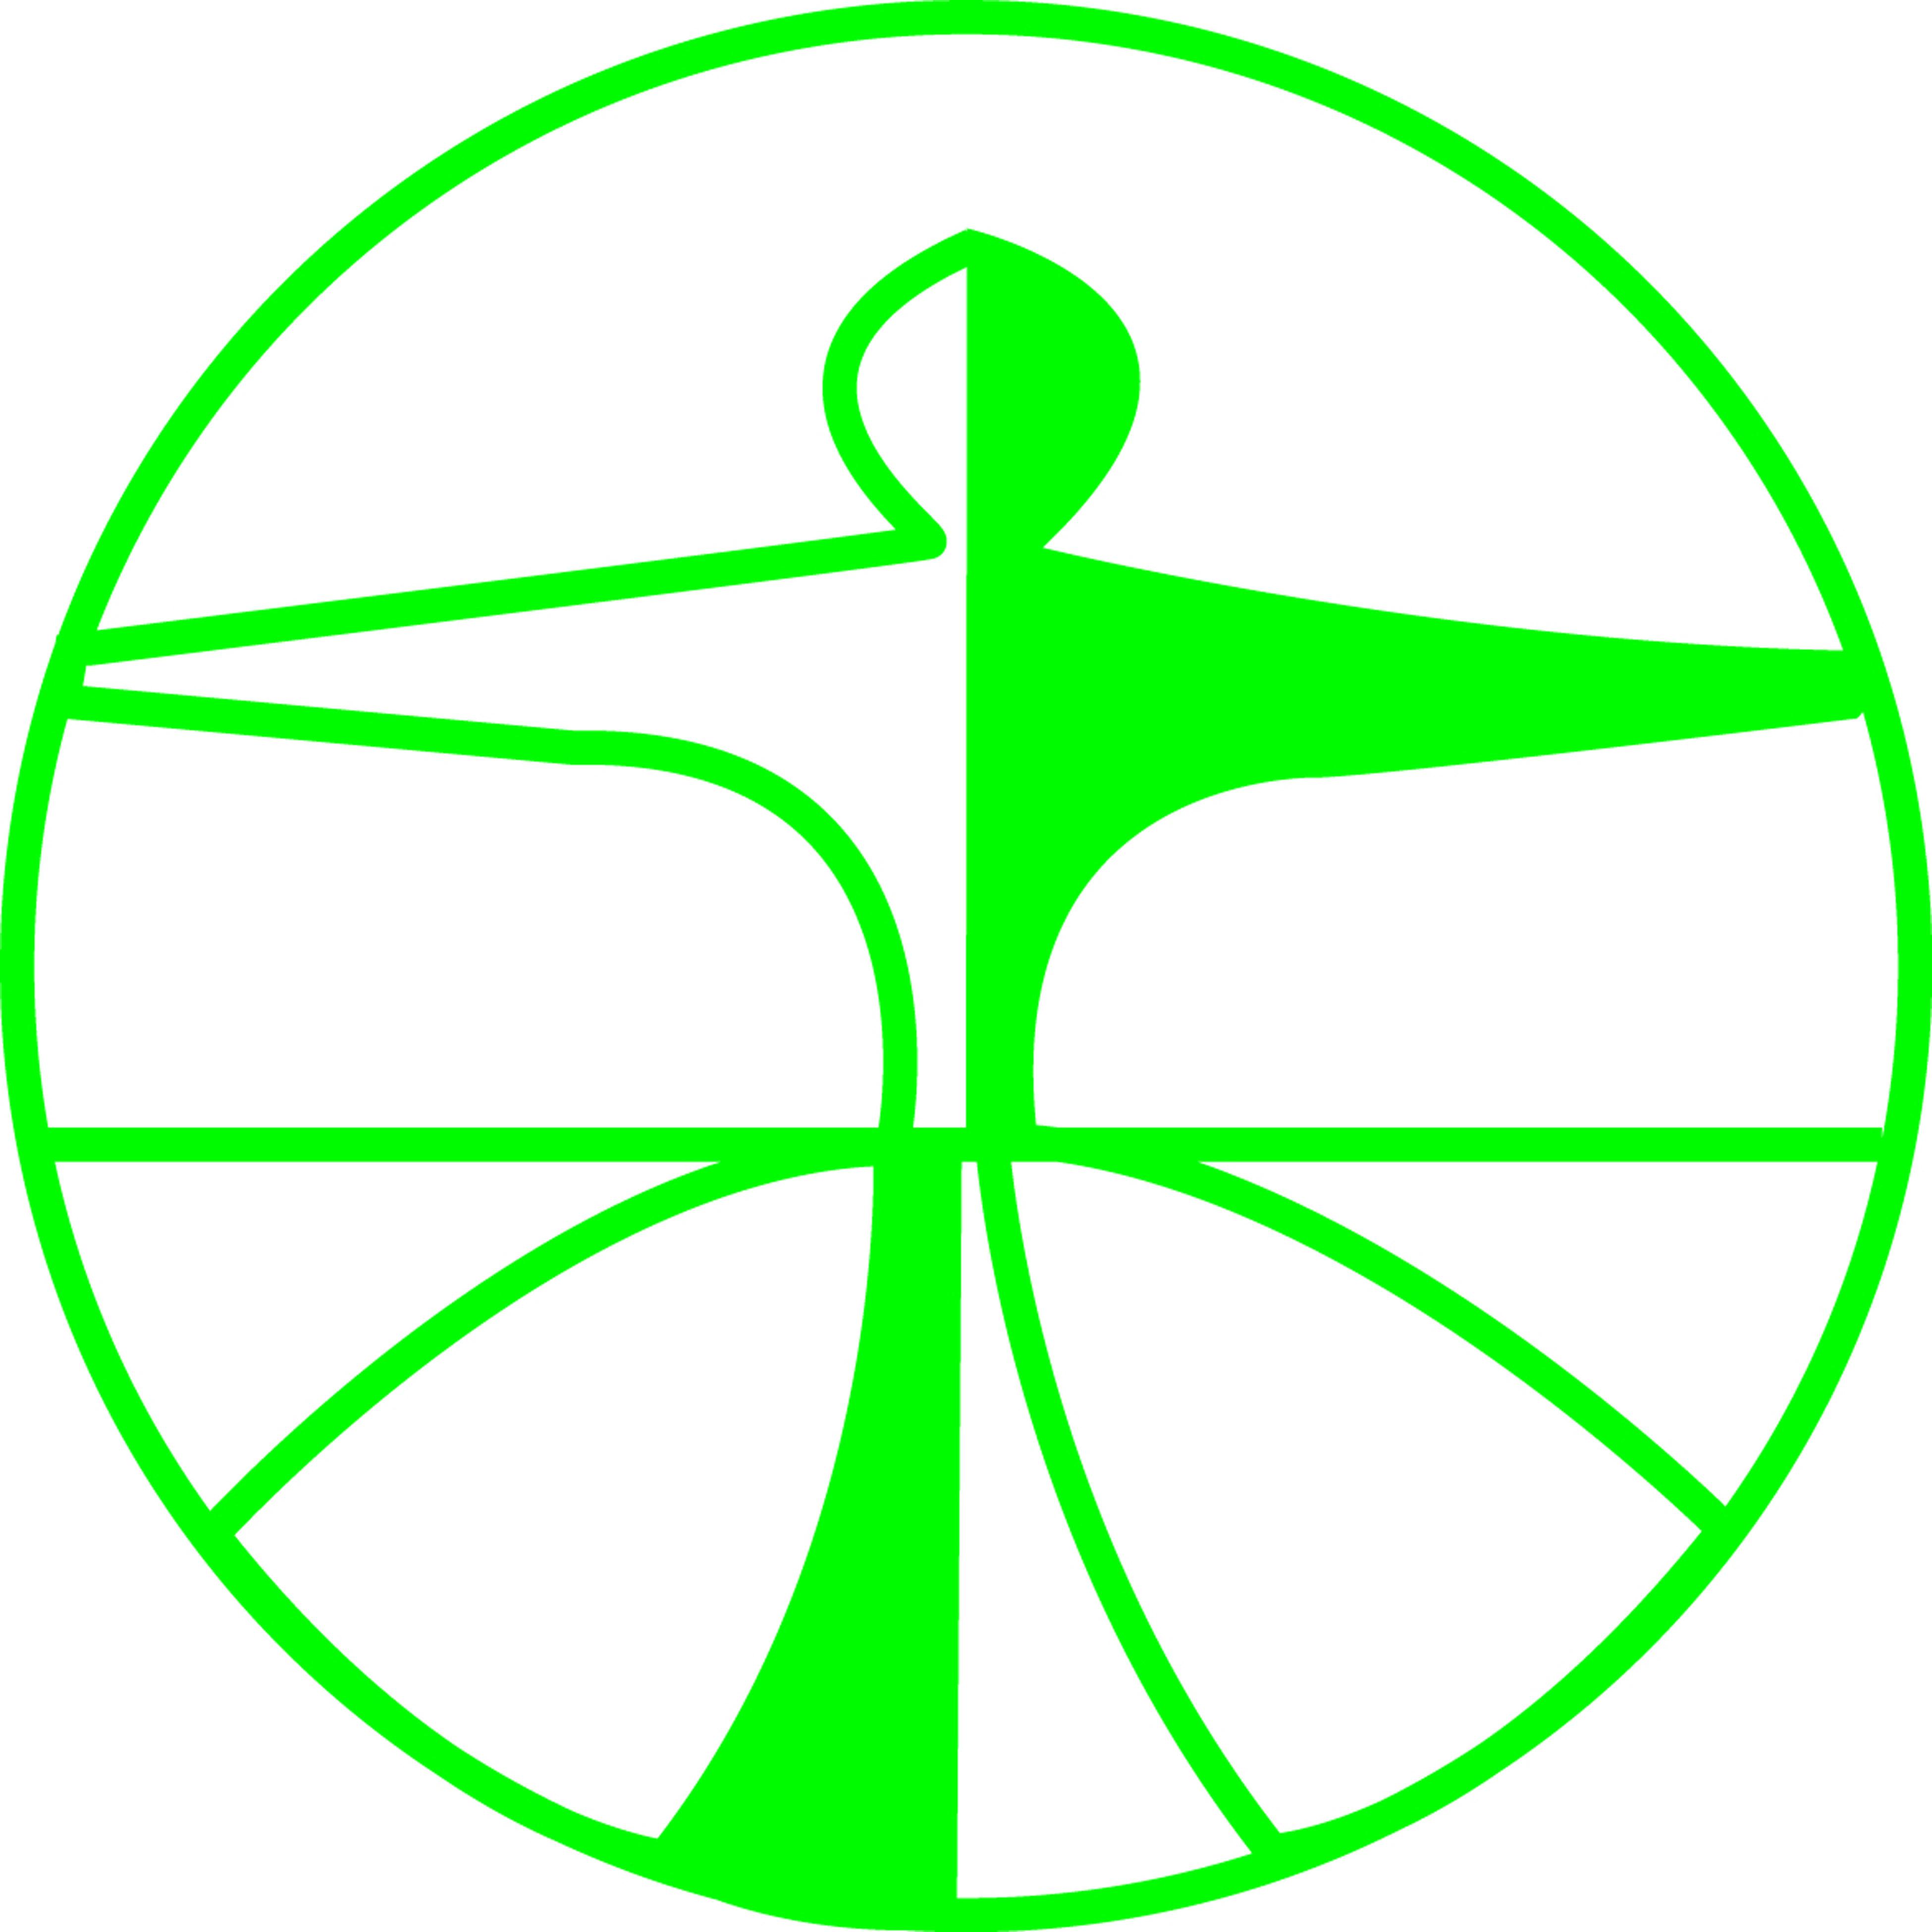 logo for Environnement et développement du Tiers-monde